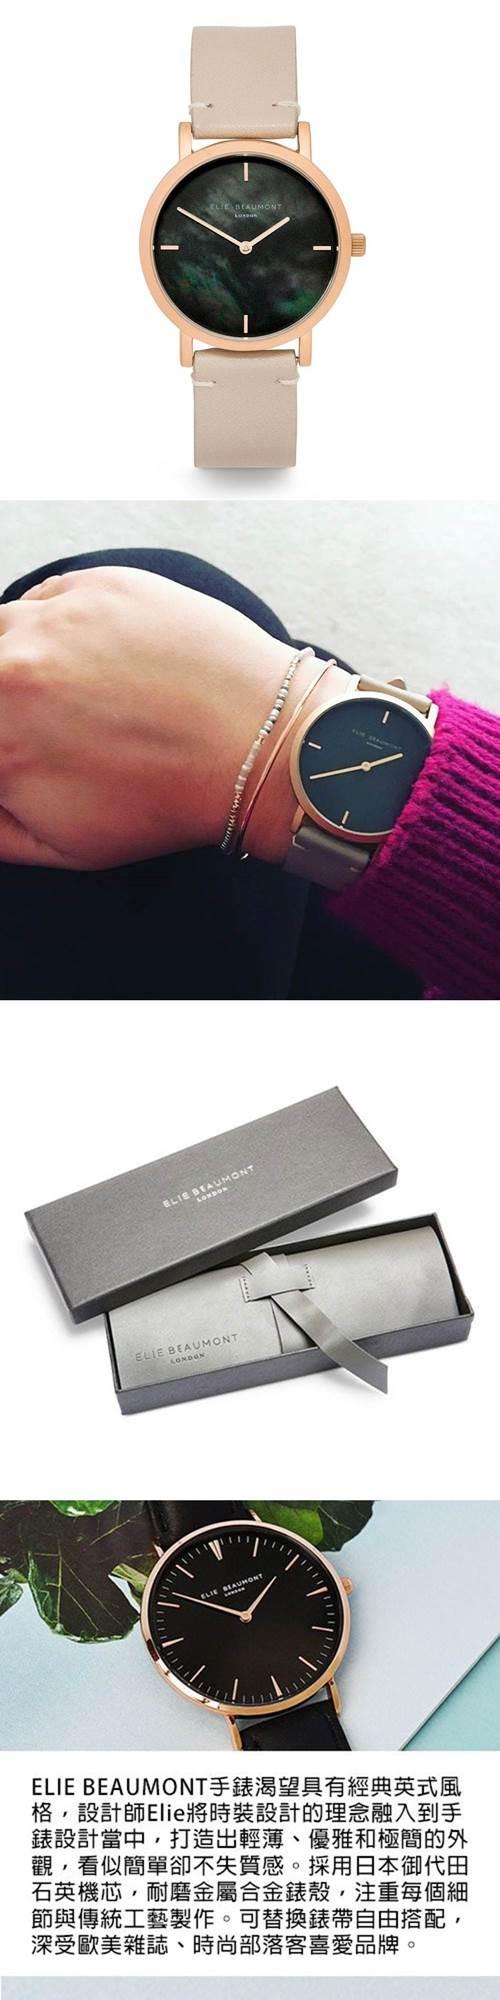 (複製)Elie Beaumont 英國時尚手錶 KENSINGTON珍珠母貝系列 淺藍X玫瑰金36mm